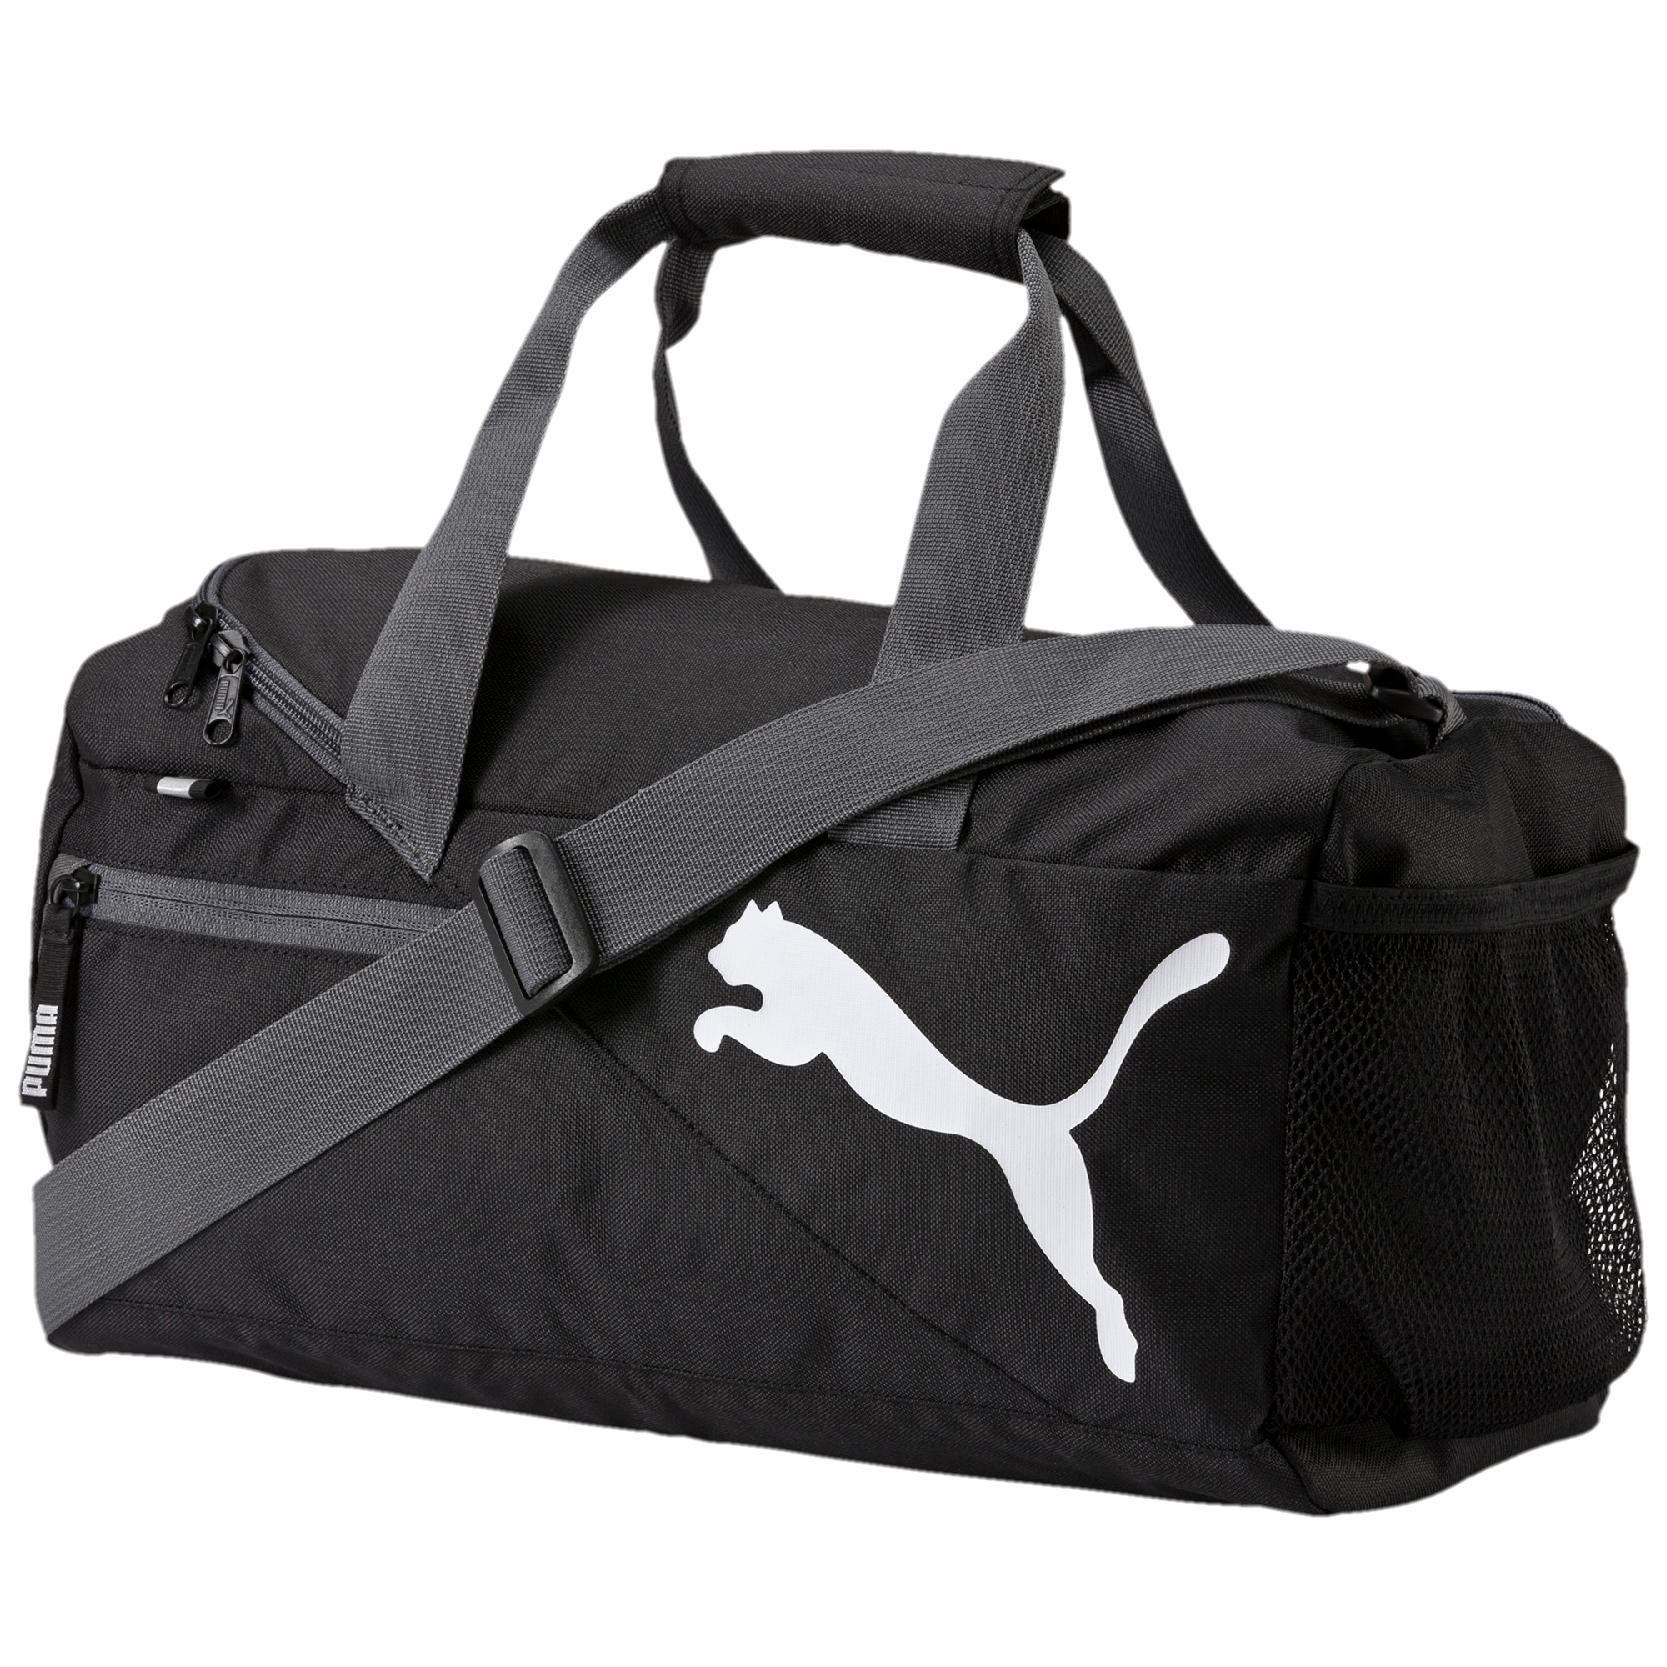 Puma Fundamentals Sports Bag XS